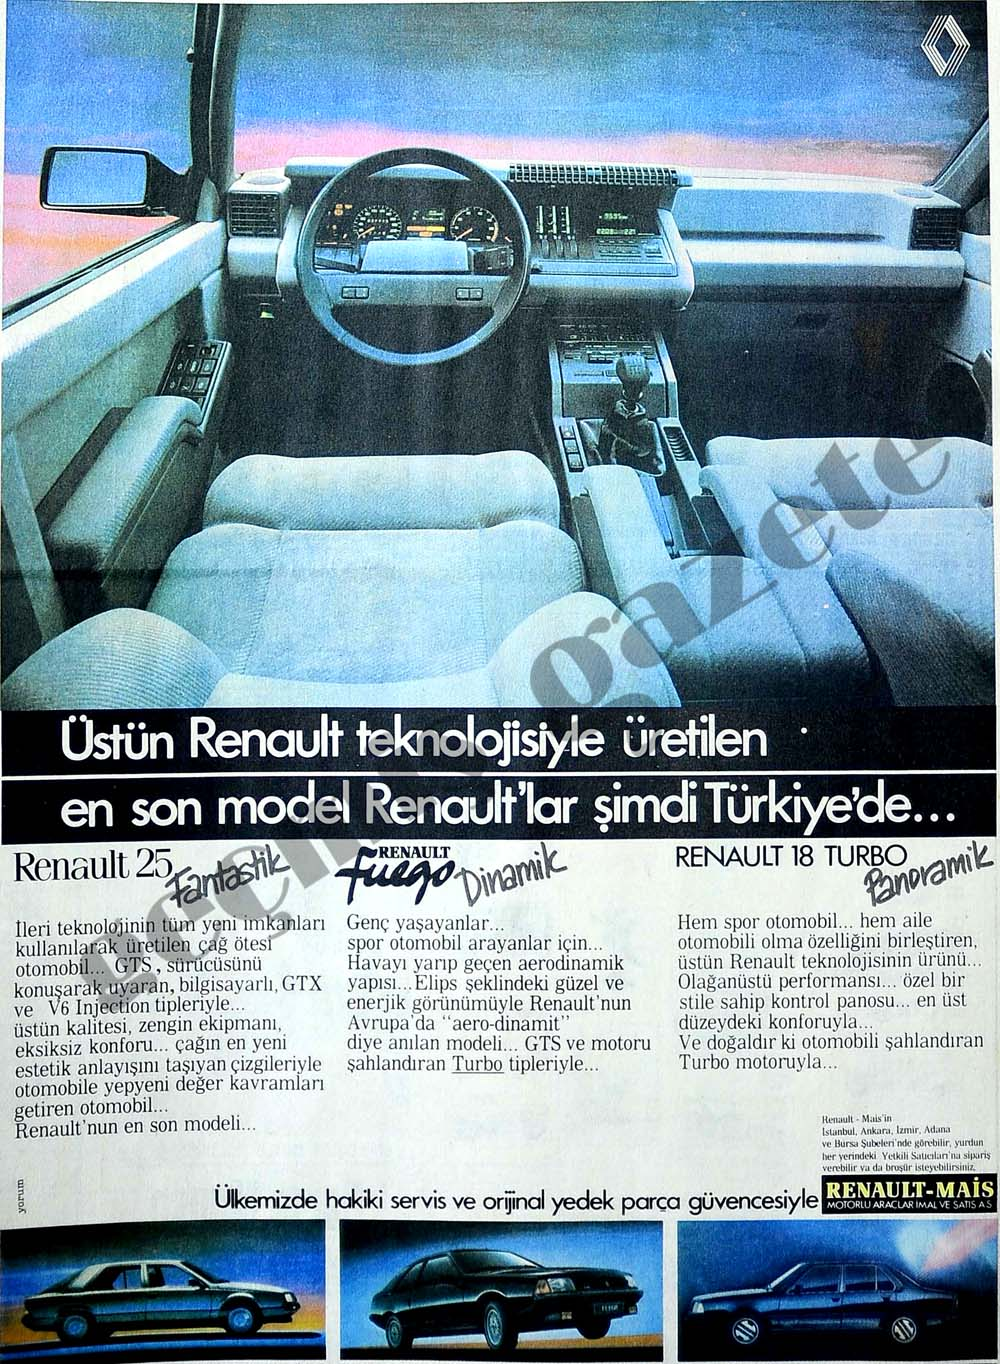 Üstün Renault teknolojisiyle üretilen en son model Renault'lar şimdi Türkiye'de...